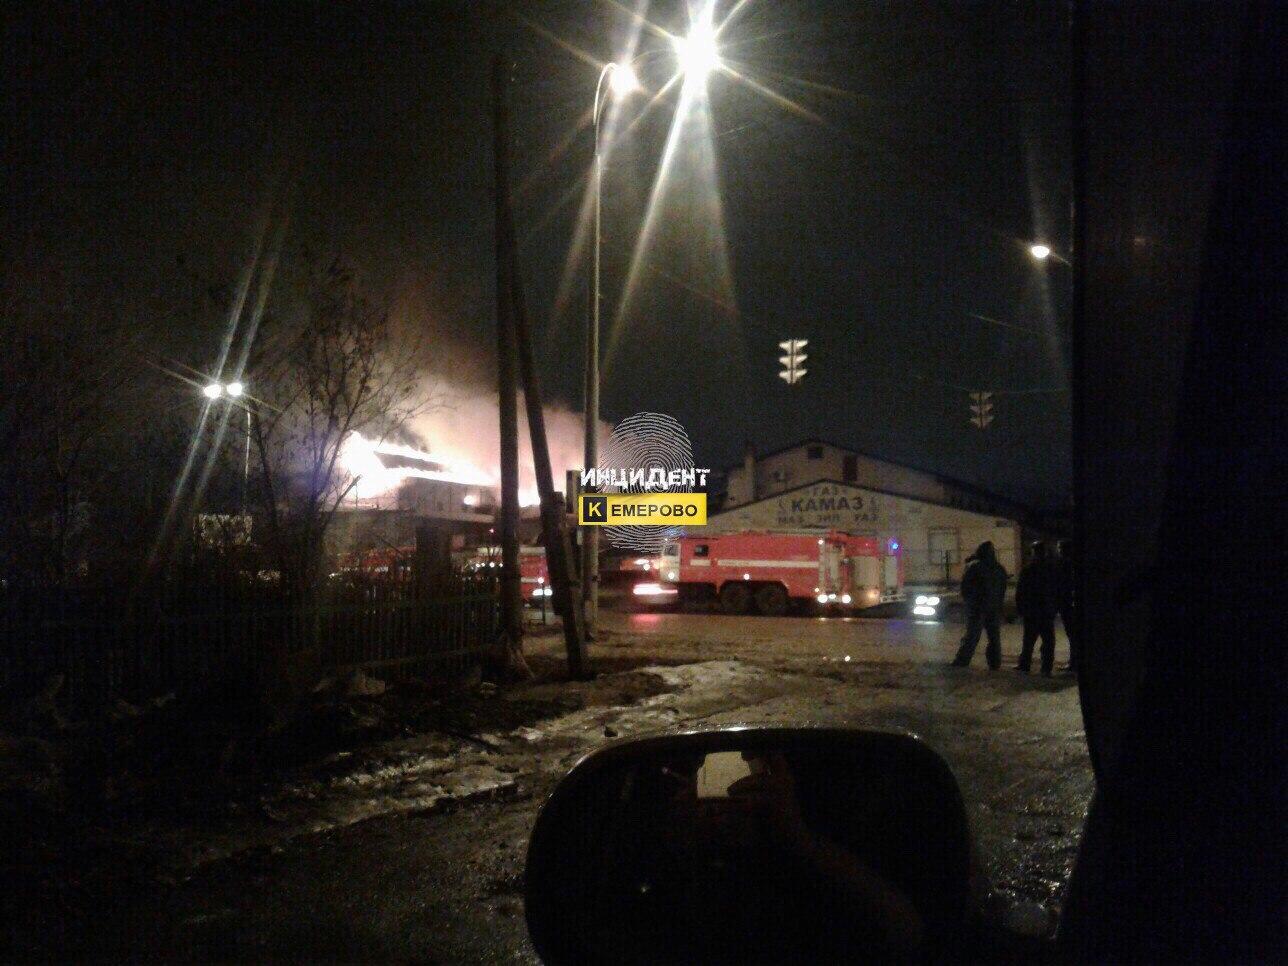 Пожар вкемеровском автомагазине попал навидео